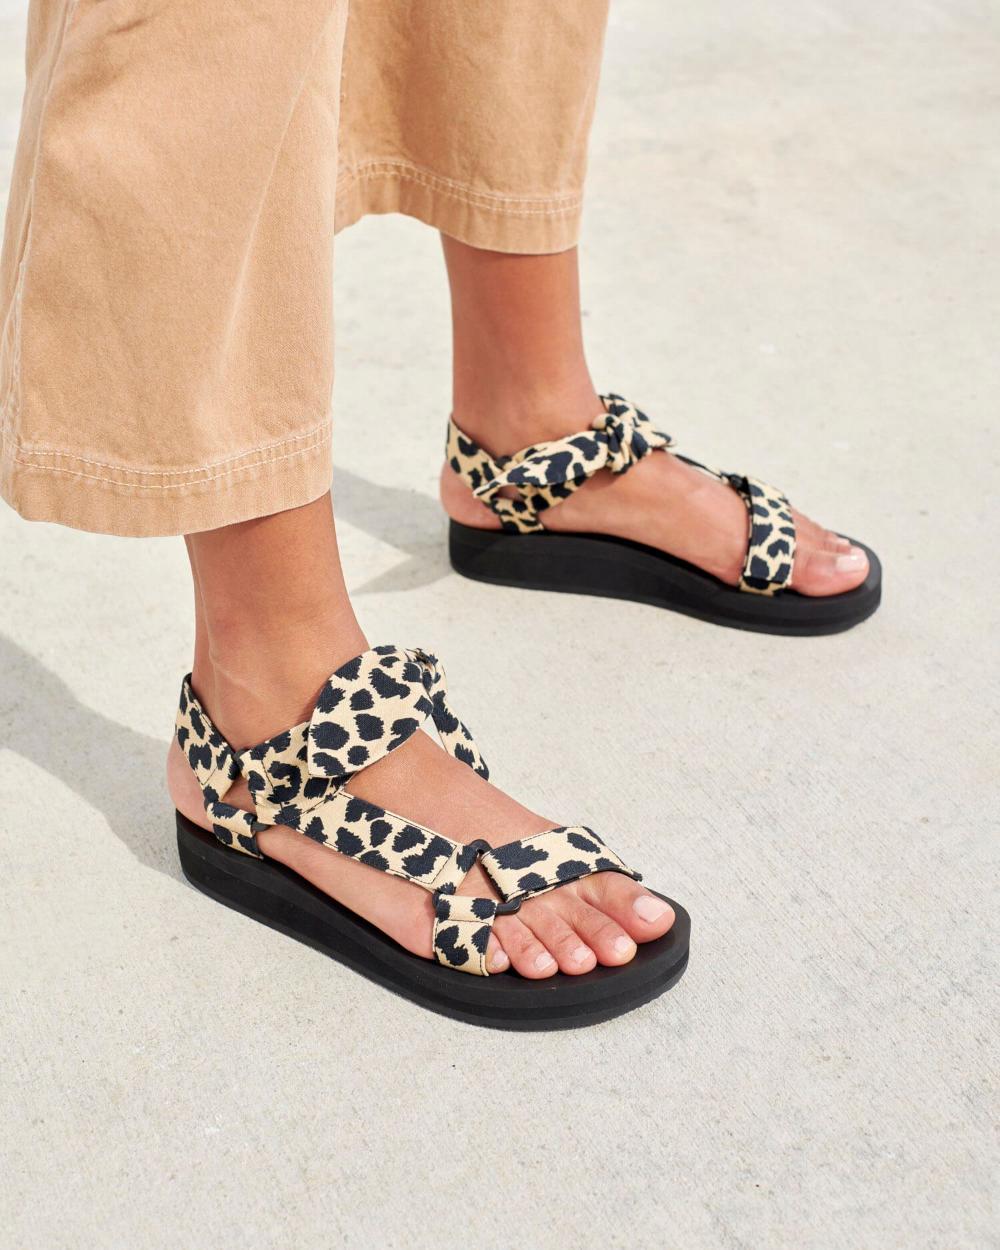 Maisie Sporty Sandal Leopard in 2020